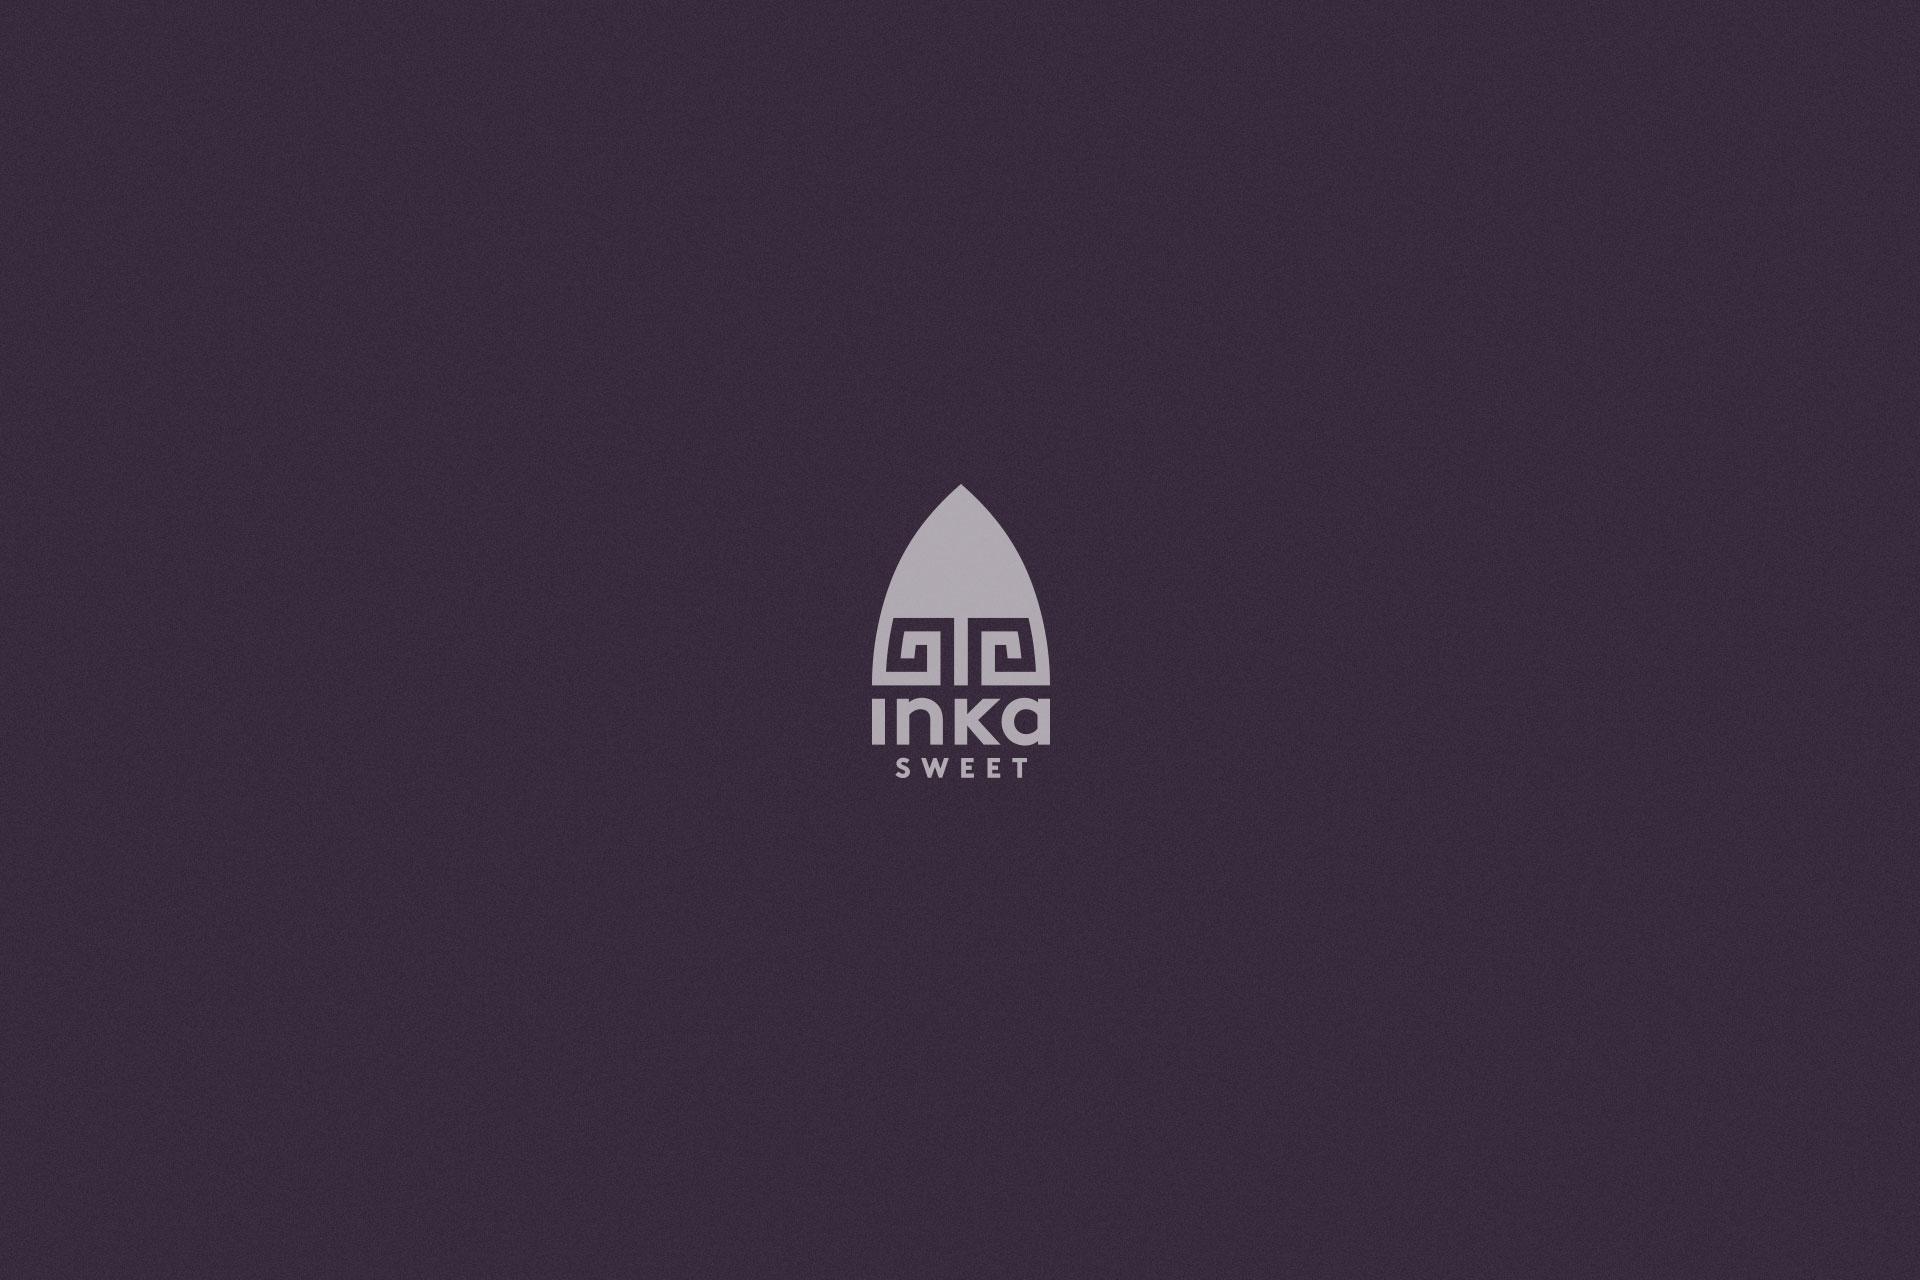 Logos & Brandmarks Inka Sweet